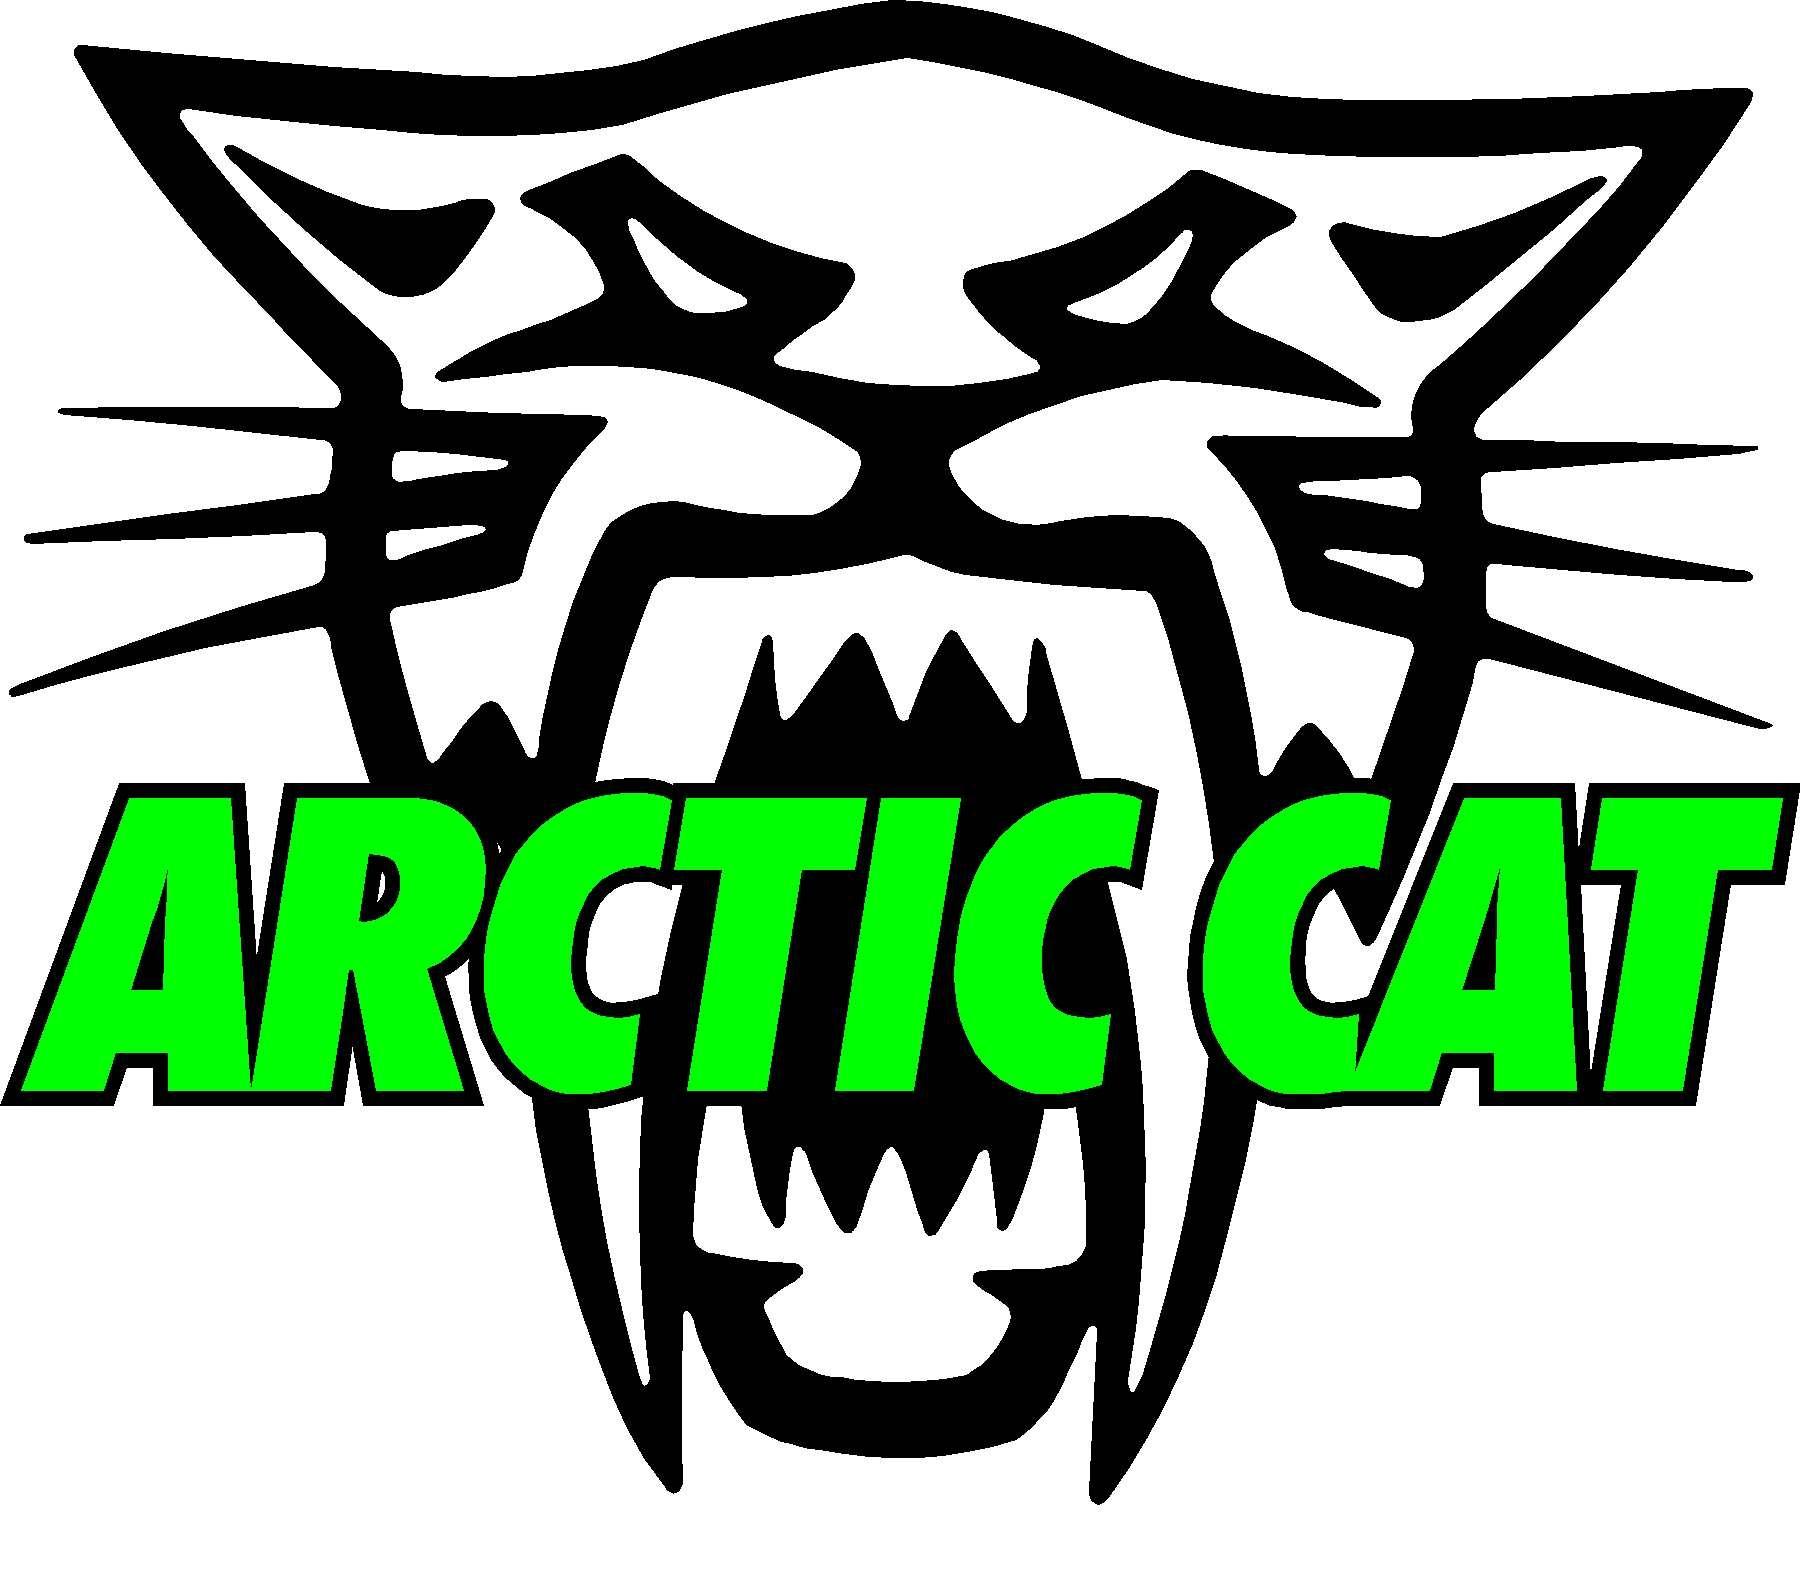 Arctic-Cat-wallpaper-wp60071